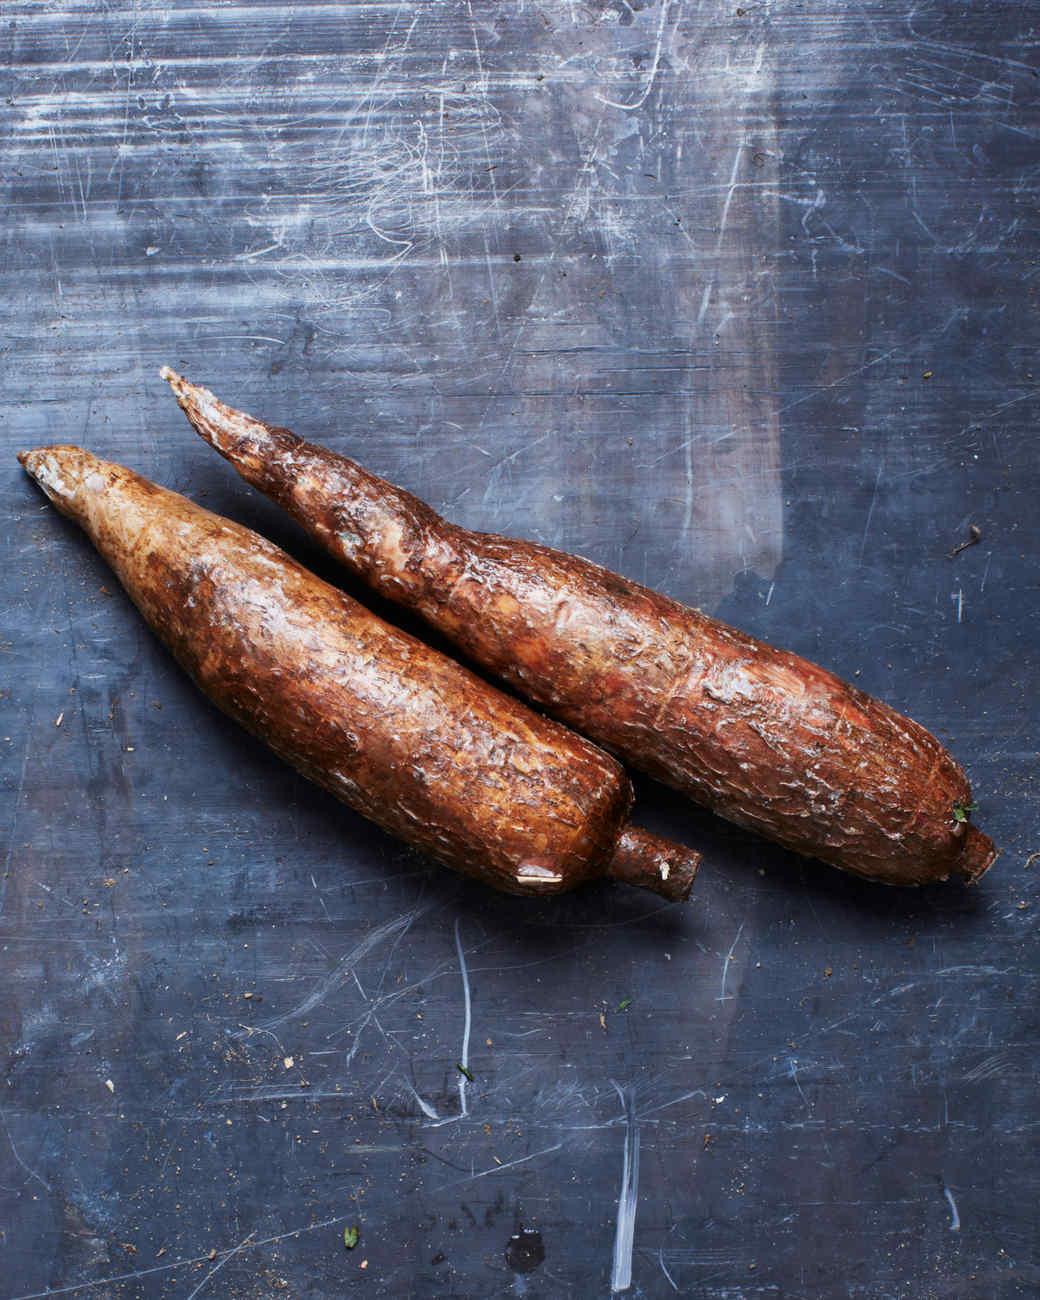 yuca-roots-tubers-213-d110486.jpg